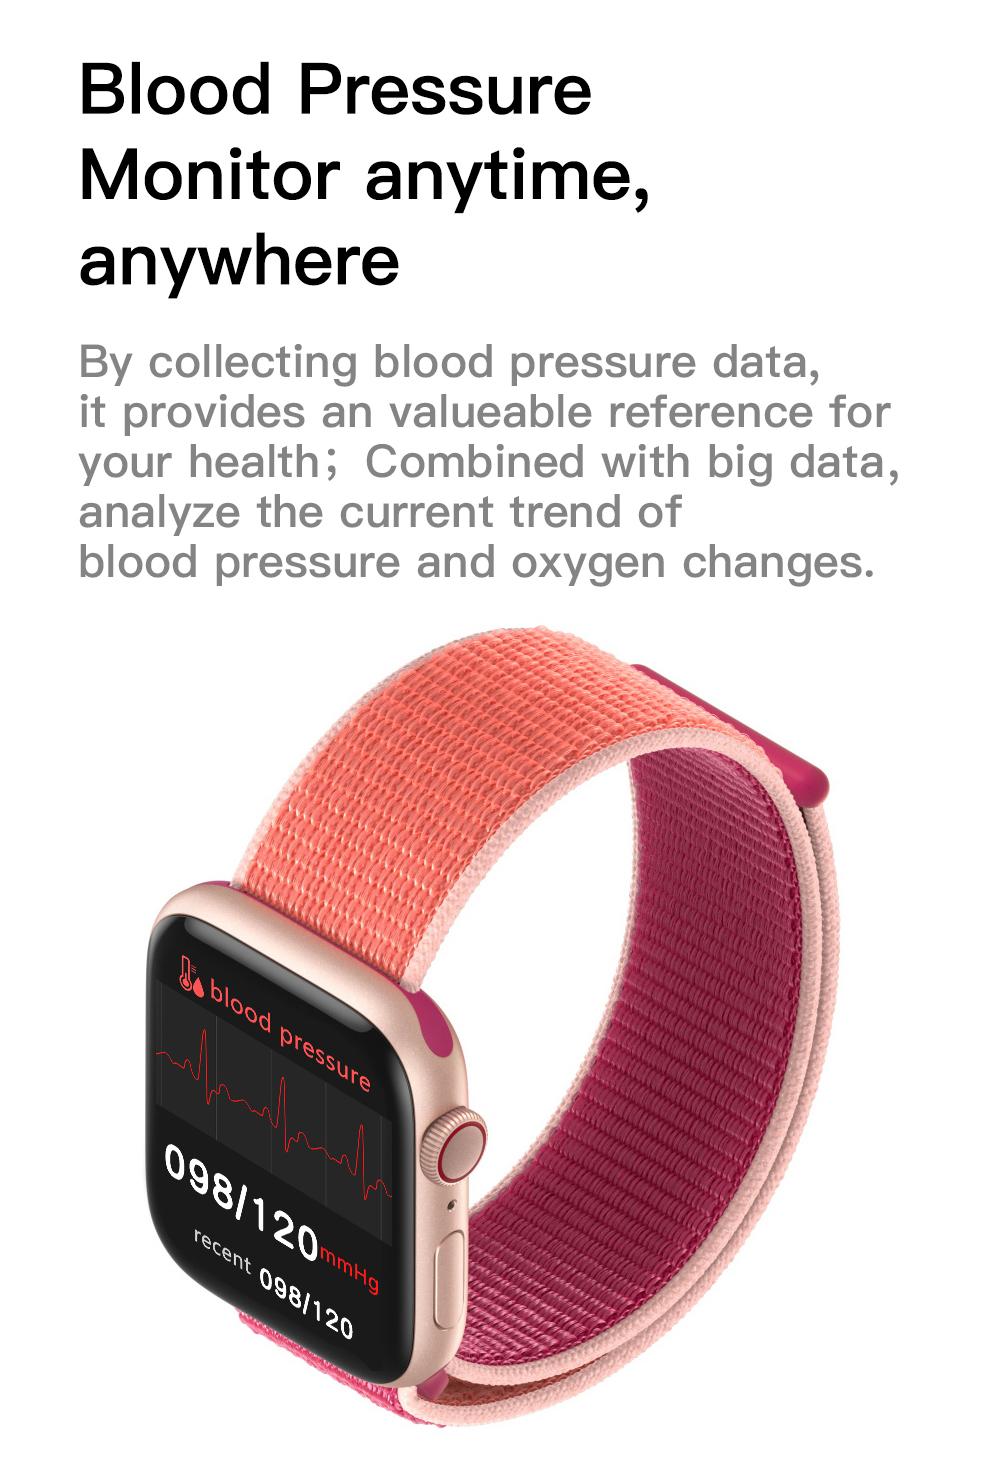 W56 Smart Watch Description-17